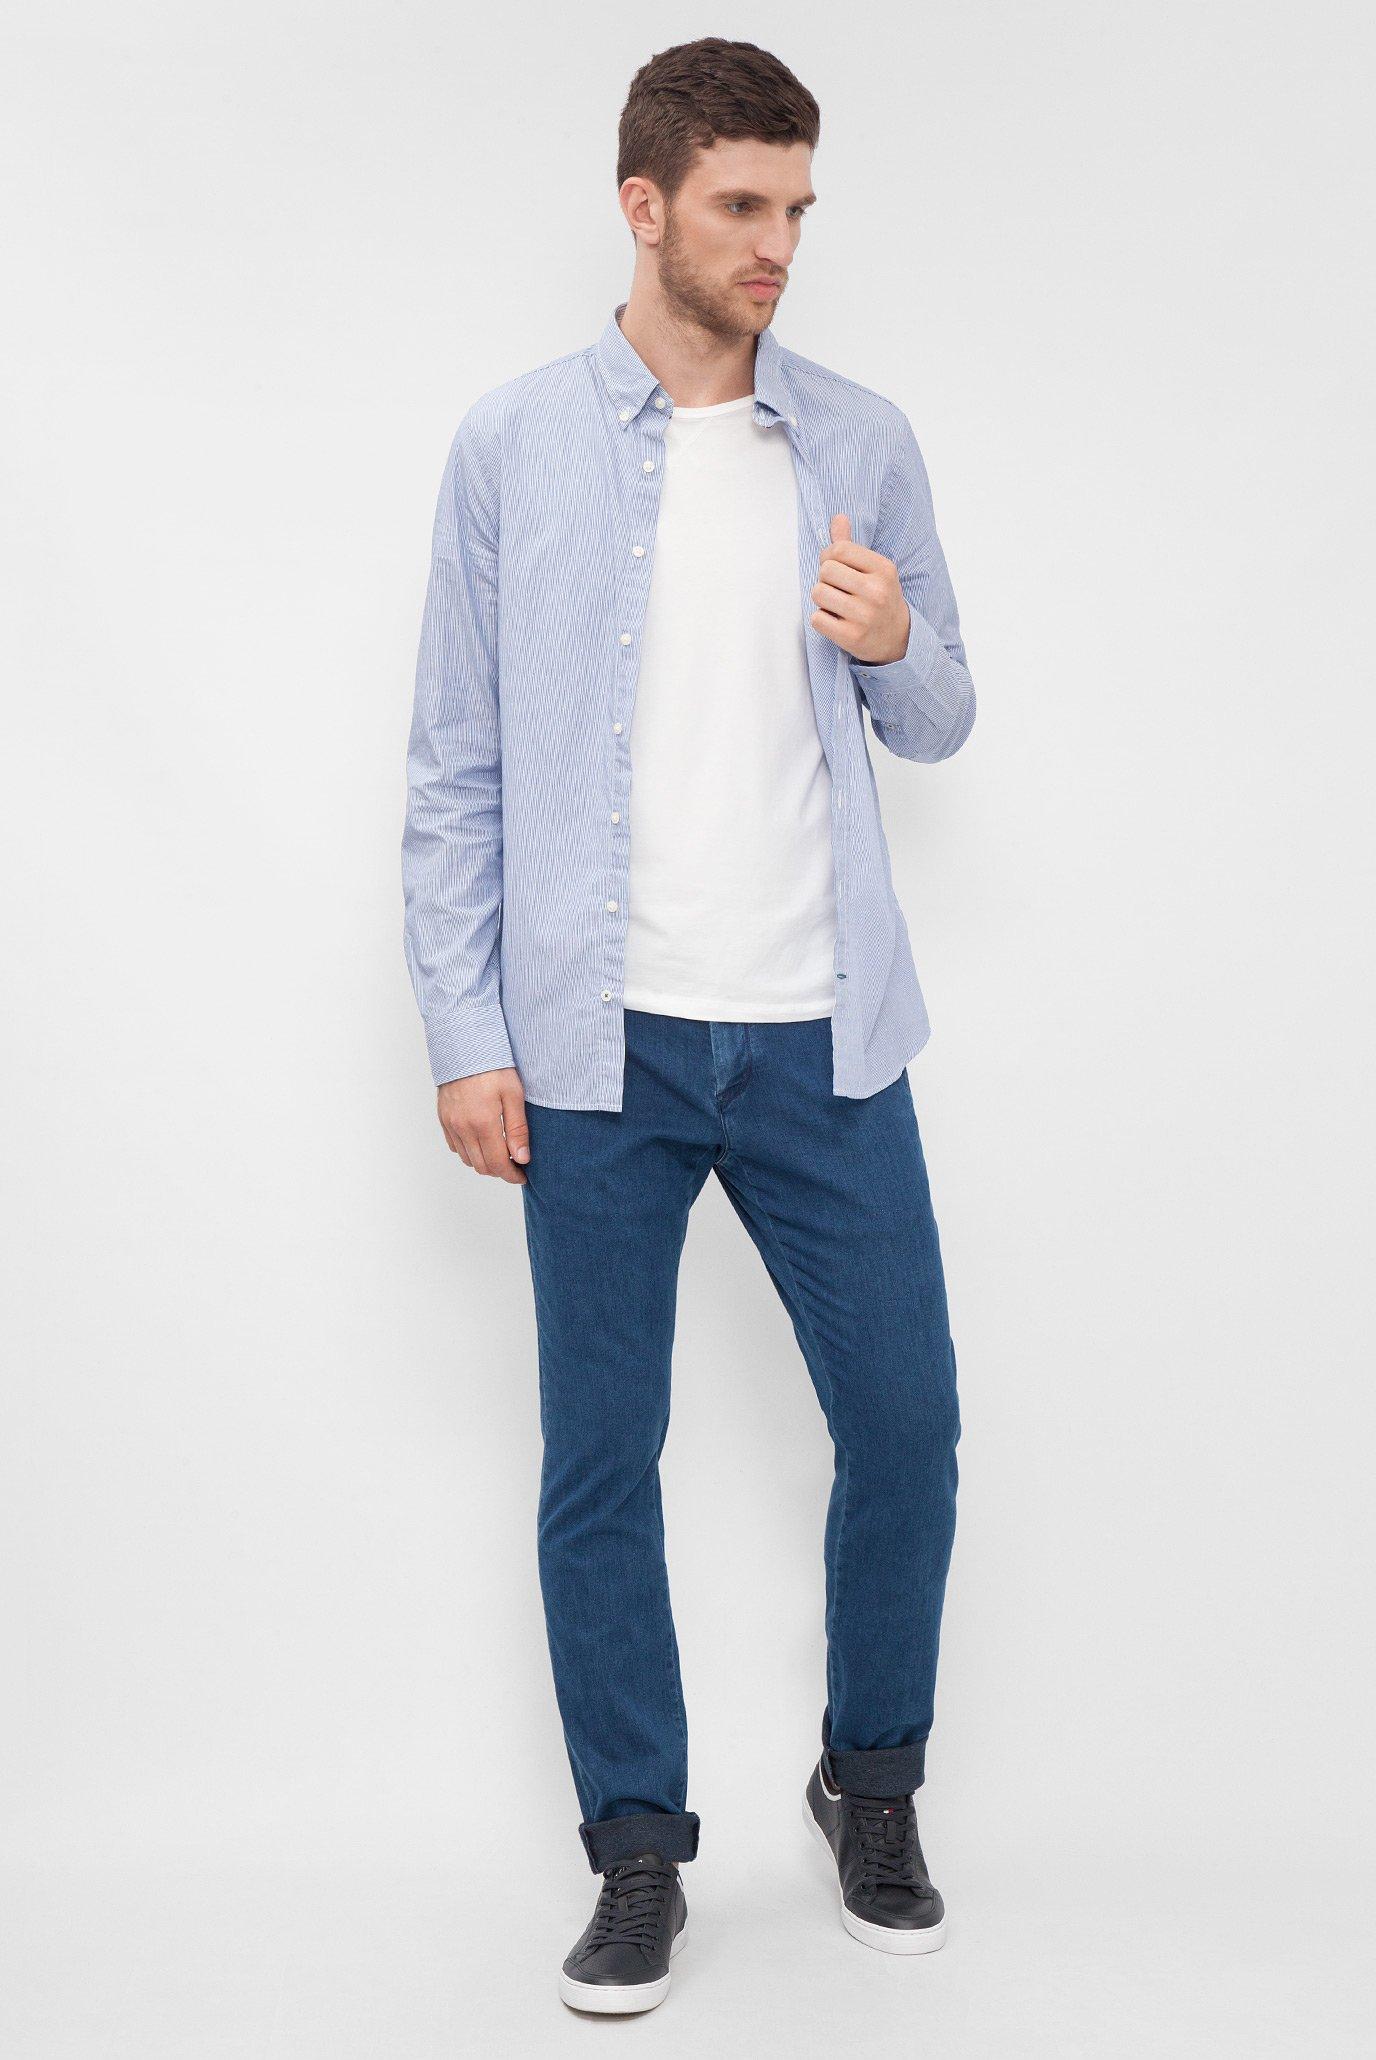 Купить Мужские синие джинсовые чиносы DENTON CHINO Tommy Hilfiger Tommy Hilfiger MW0MW02213 – Киев, Украина. Цены в интернет магазине MD Fashion